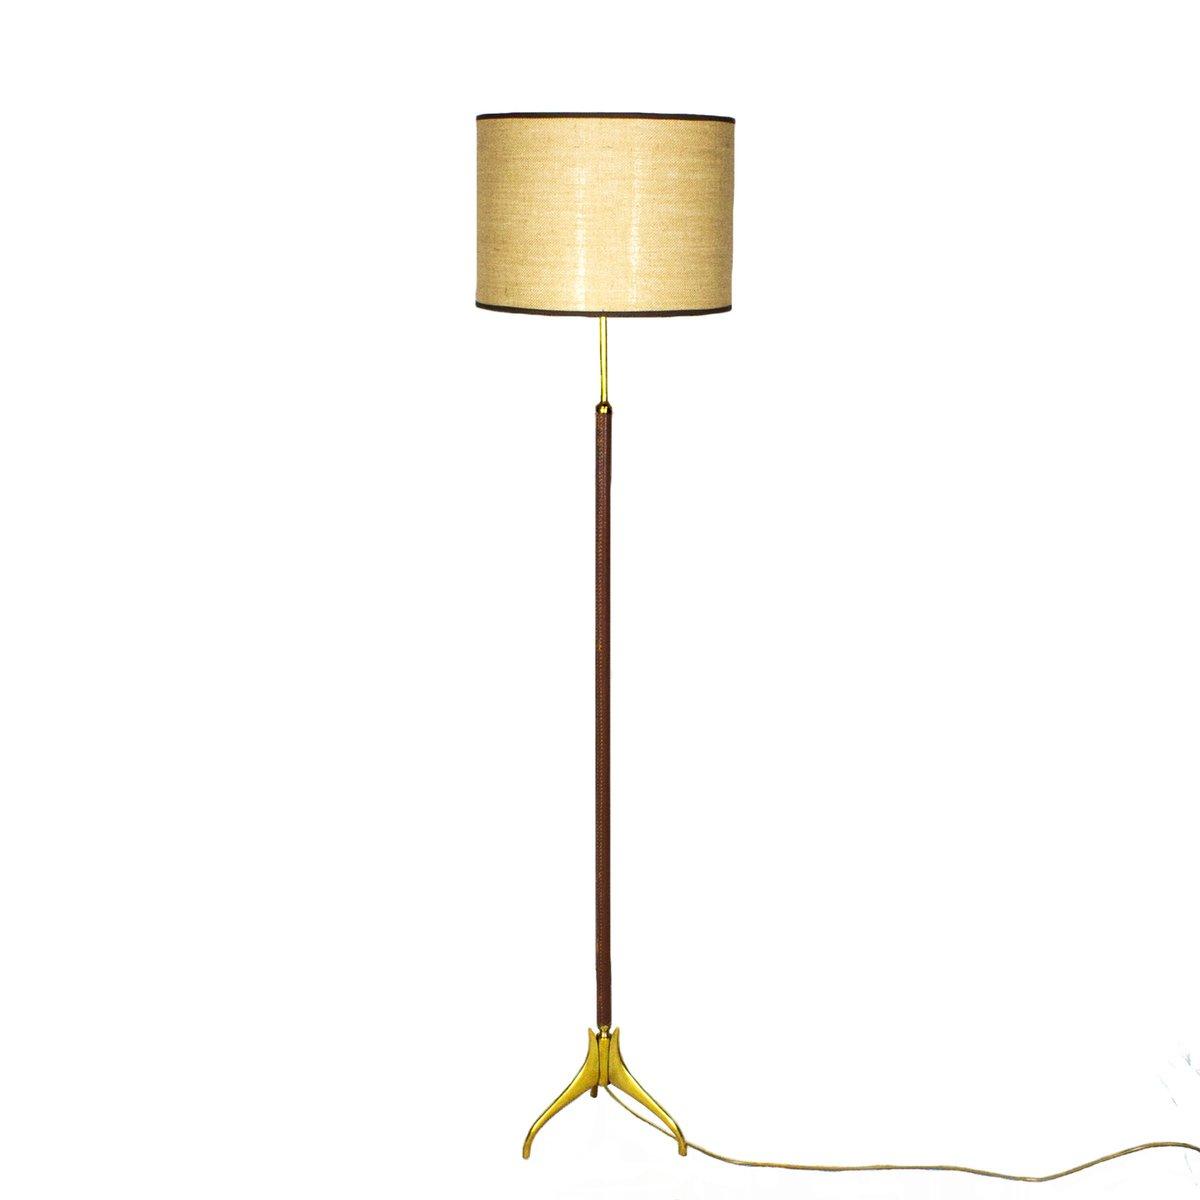 Spanische Mid-Century Dreibein Lampe, 1950er